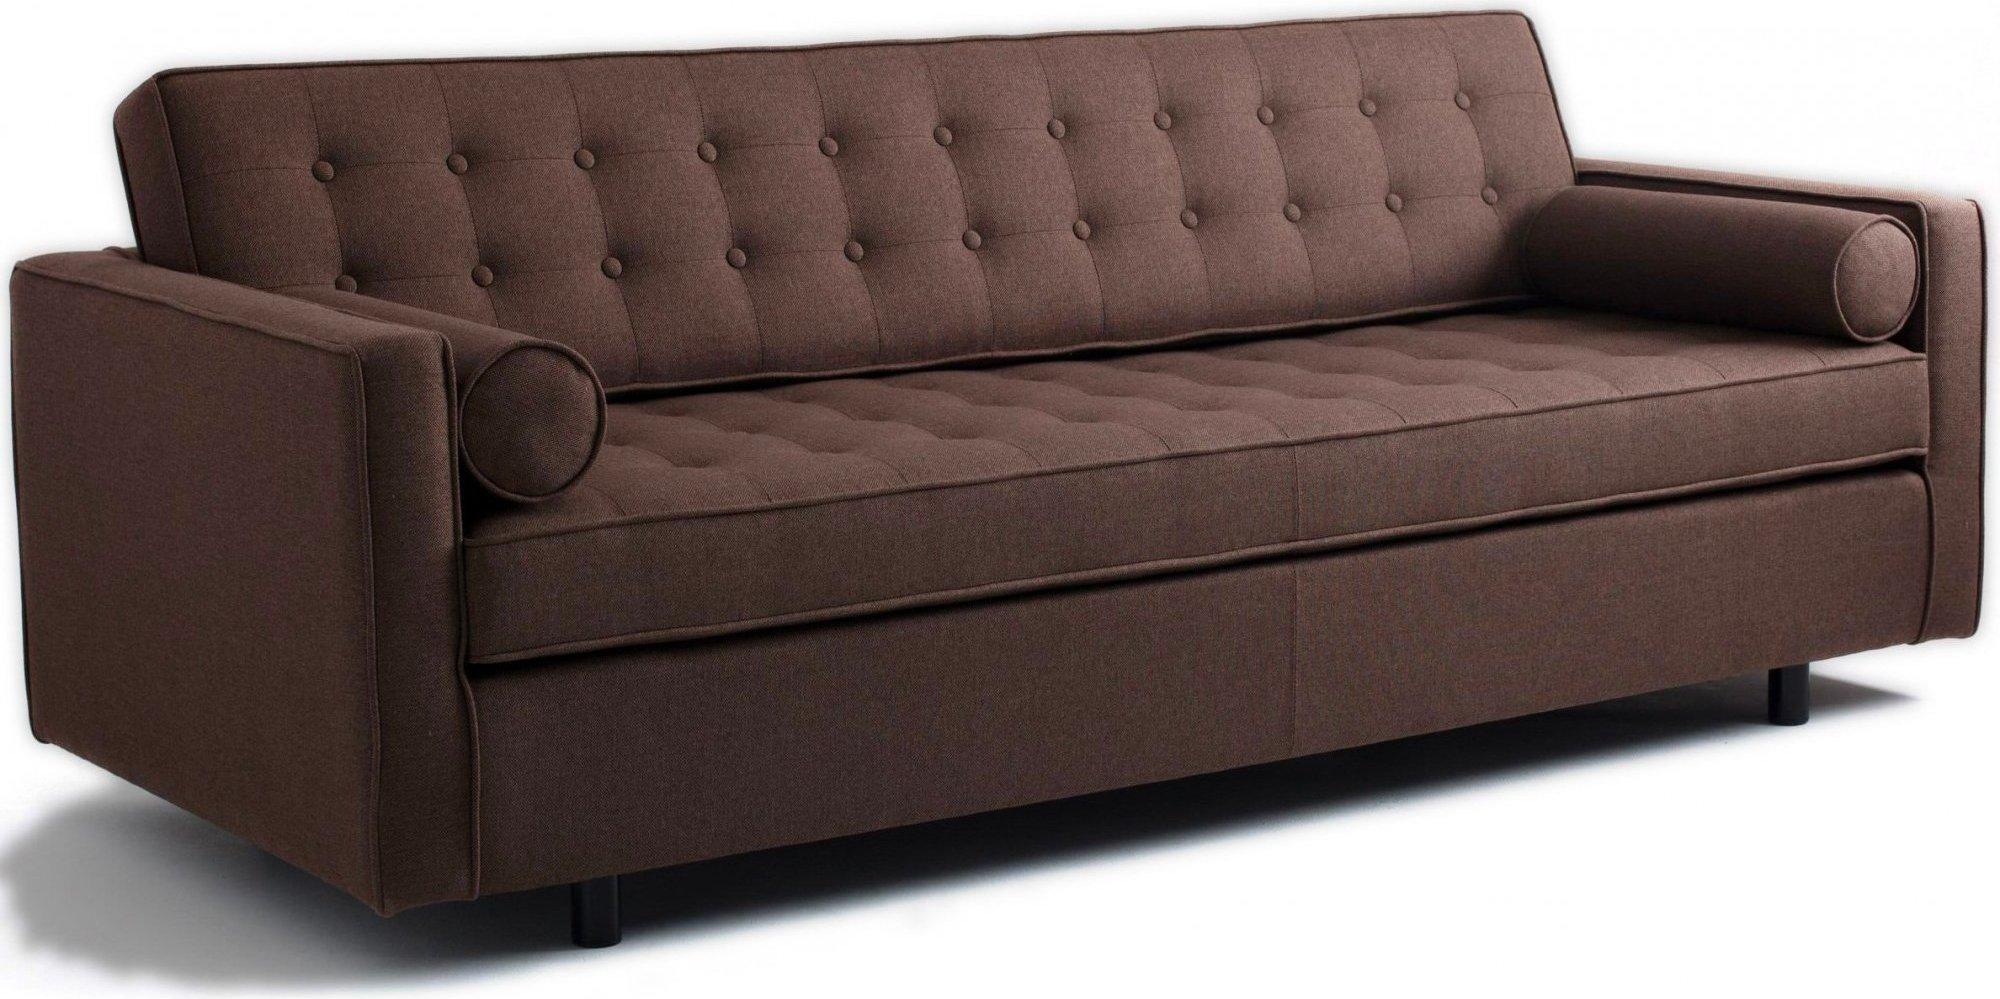 Canapé 3 places tissu marron h34cm